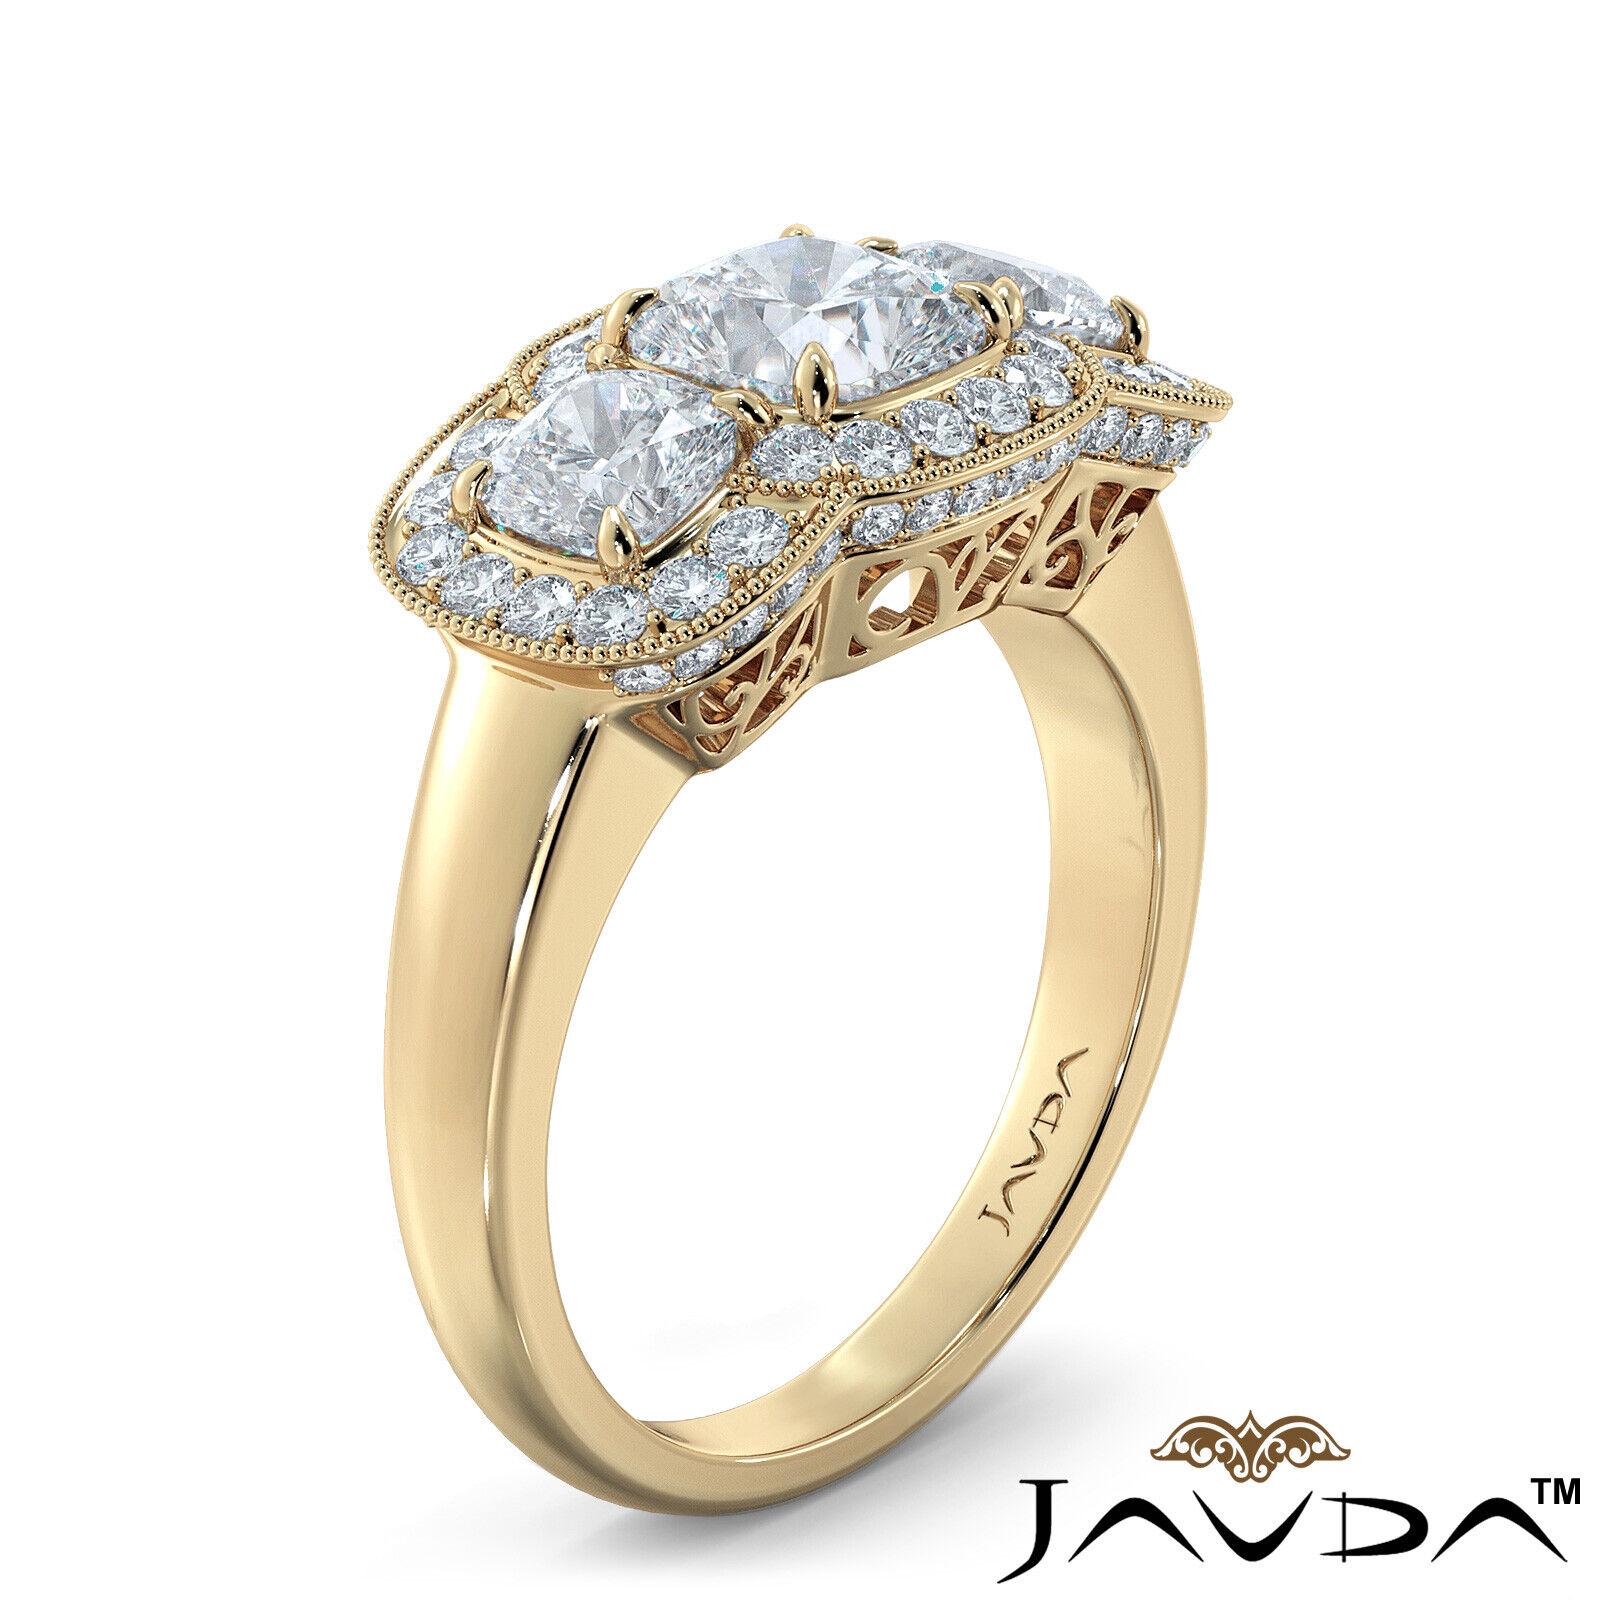 2.25ctw Milgrain Halo 3 Stone Cushion Diamond Engagement Ring GIA I-SI1 W Gold 8